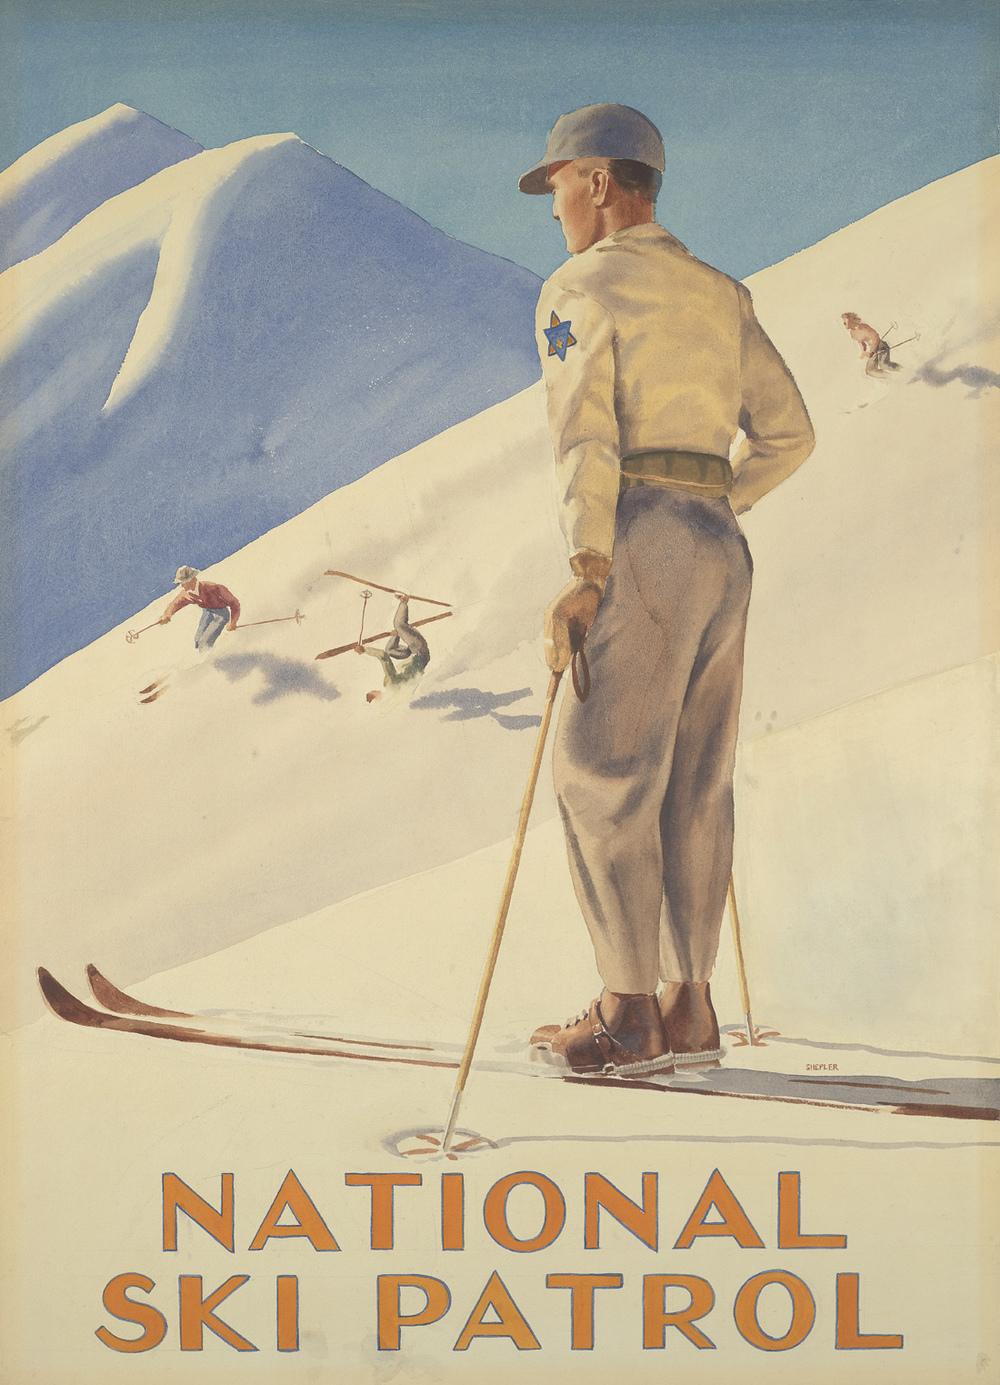 Ski Patrol_NE Ski Museum.jpg